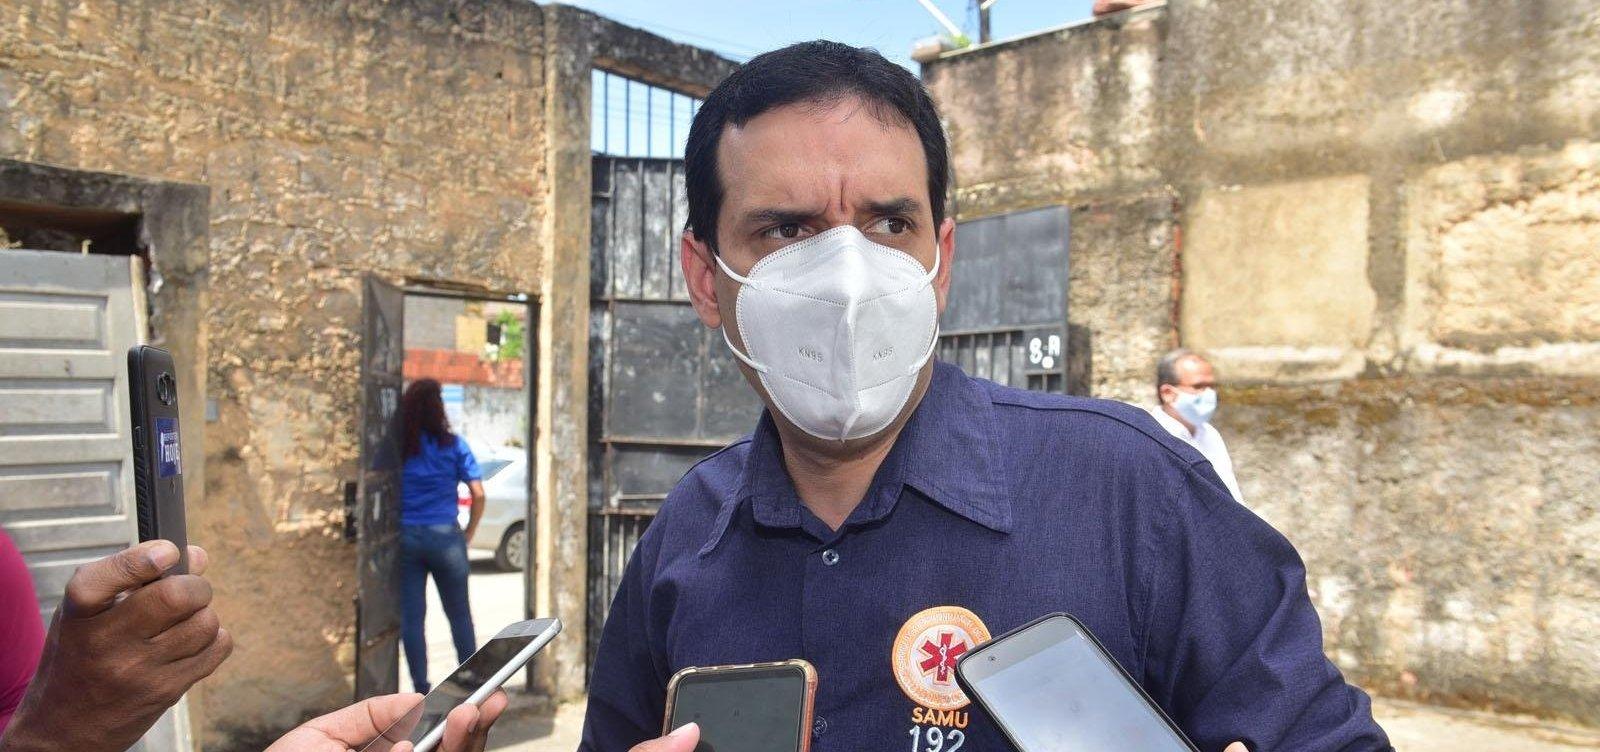 [Prates rebate fala sobre 'pós-pandemia' e diz que Salvador mantém estado de alerta]